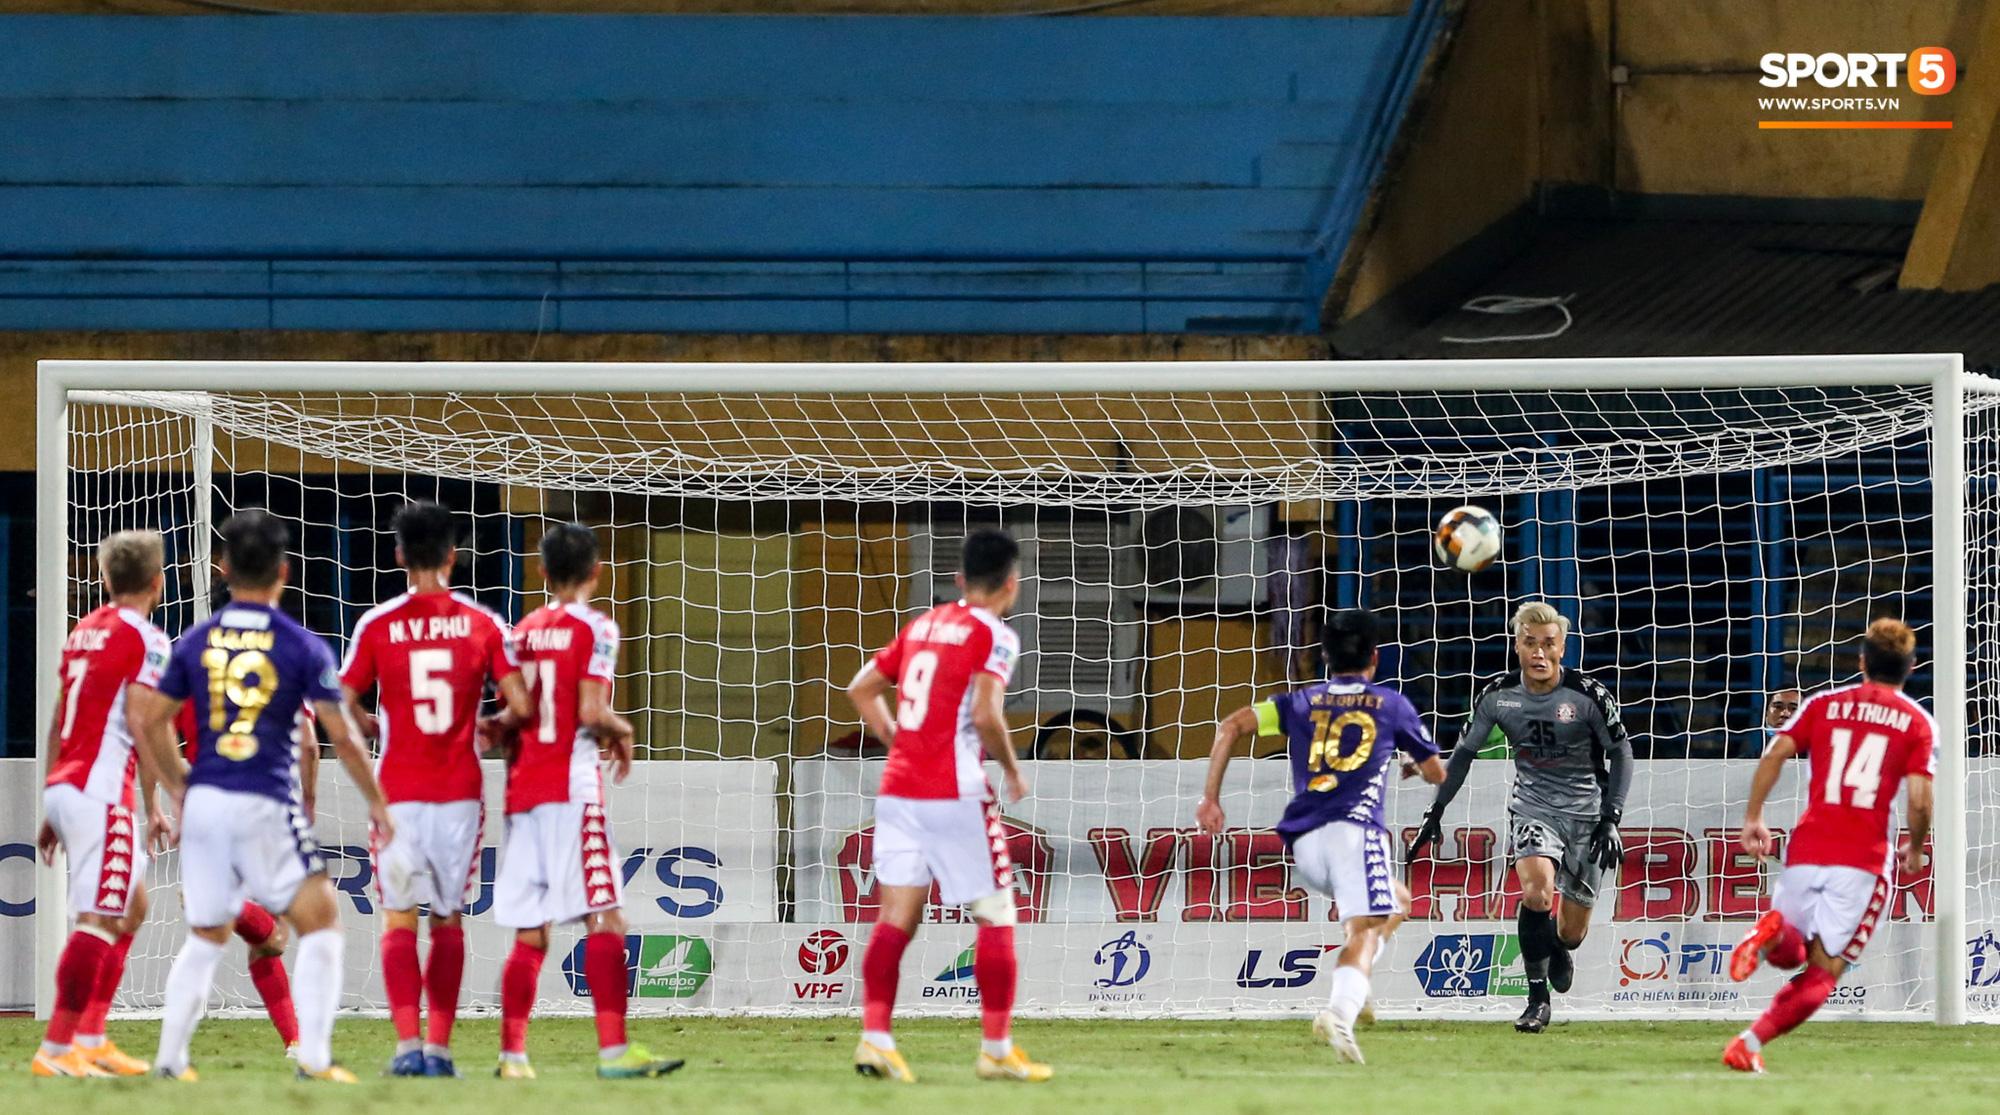 Pha phối hợp này của Quang Hải và Văn Quyết đã thay đổi hoàn toàn diễn biến trận Hà Nội FC gặp CLB TP.HCM (Ảnh: Hiếu Lương)